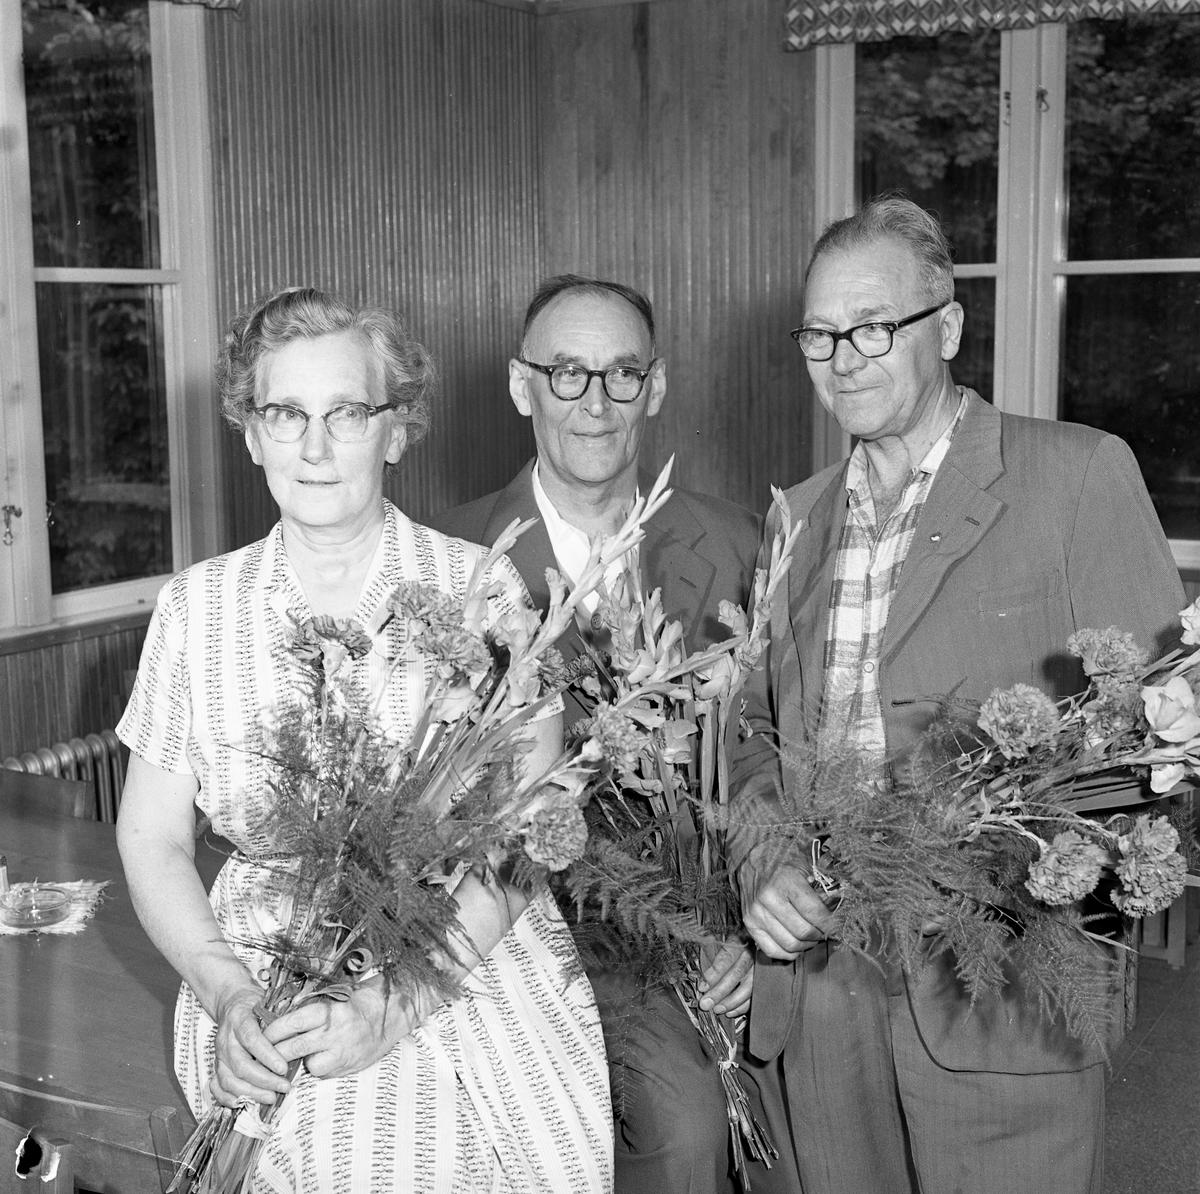 Pensionsavtackning på CVA. Mannen i mitten heter Nils Andersson. En kvinna och två män. Alla har blommor i famnen. Centrala Verkstaden Arboga